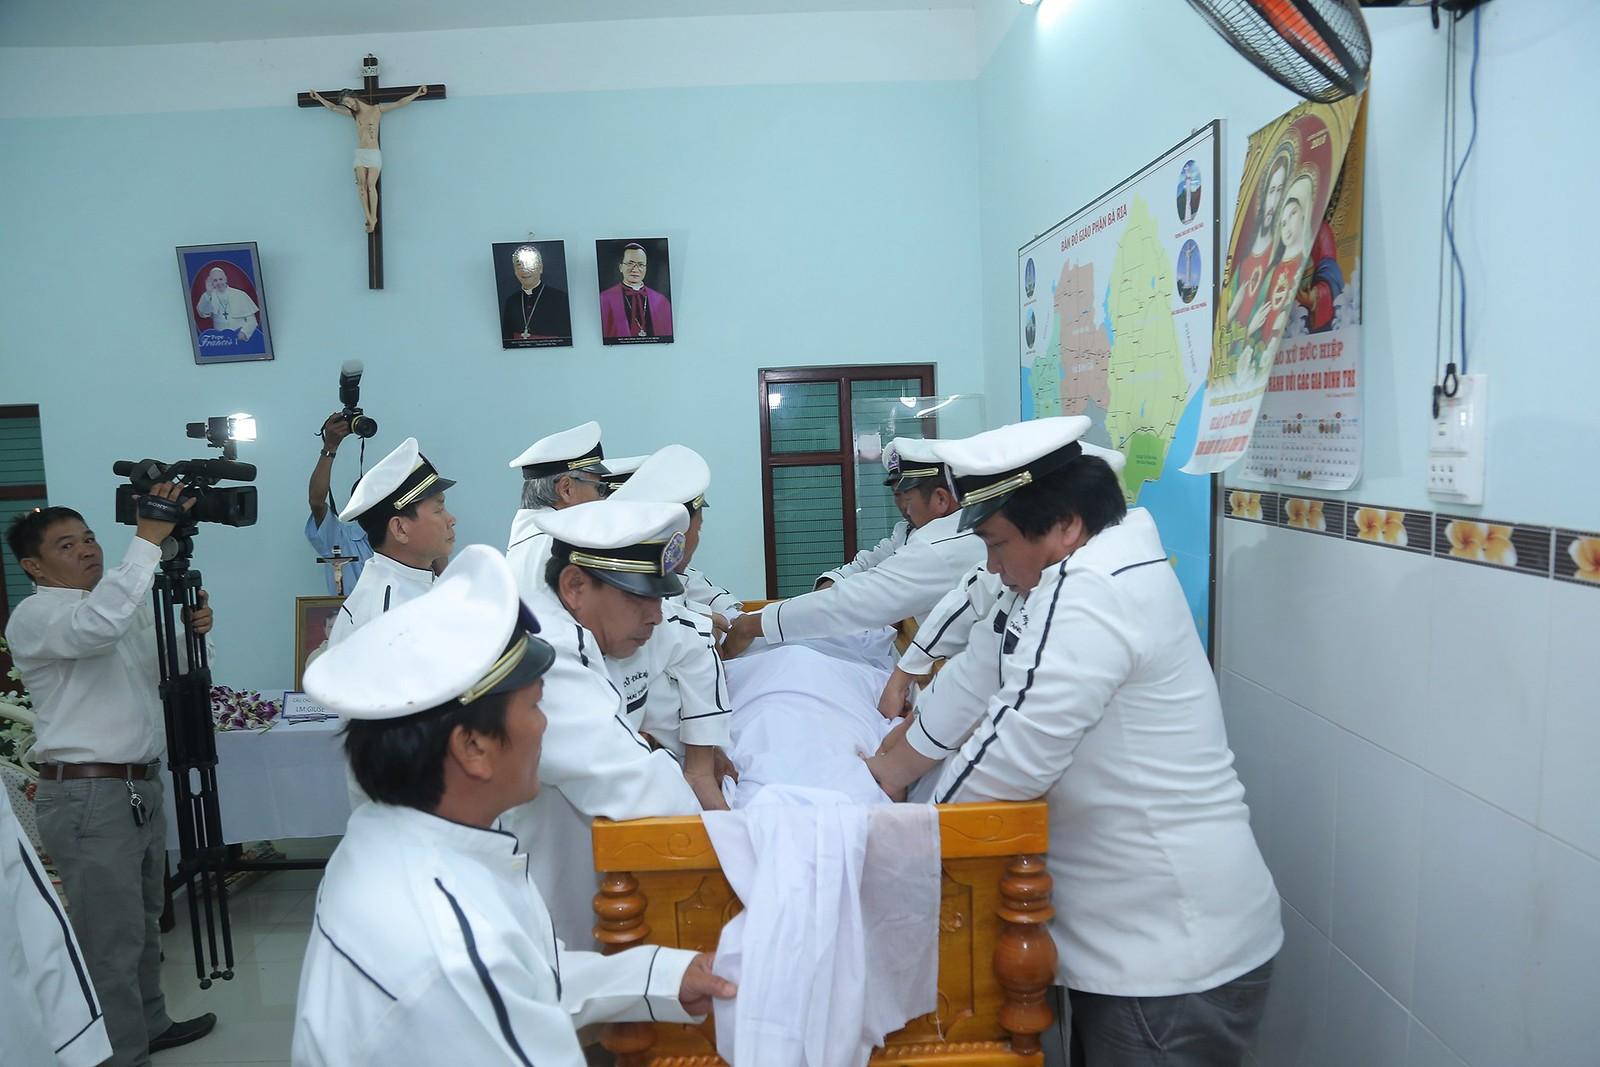 Cầu nguyện cho linh hồn Cha Giuse Đặng Đình An, Cha qua đời vì tai nạn giao thông - Ảnh minh hoạ 20